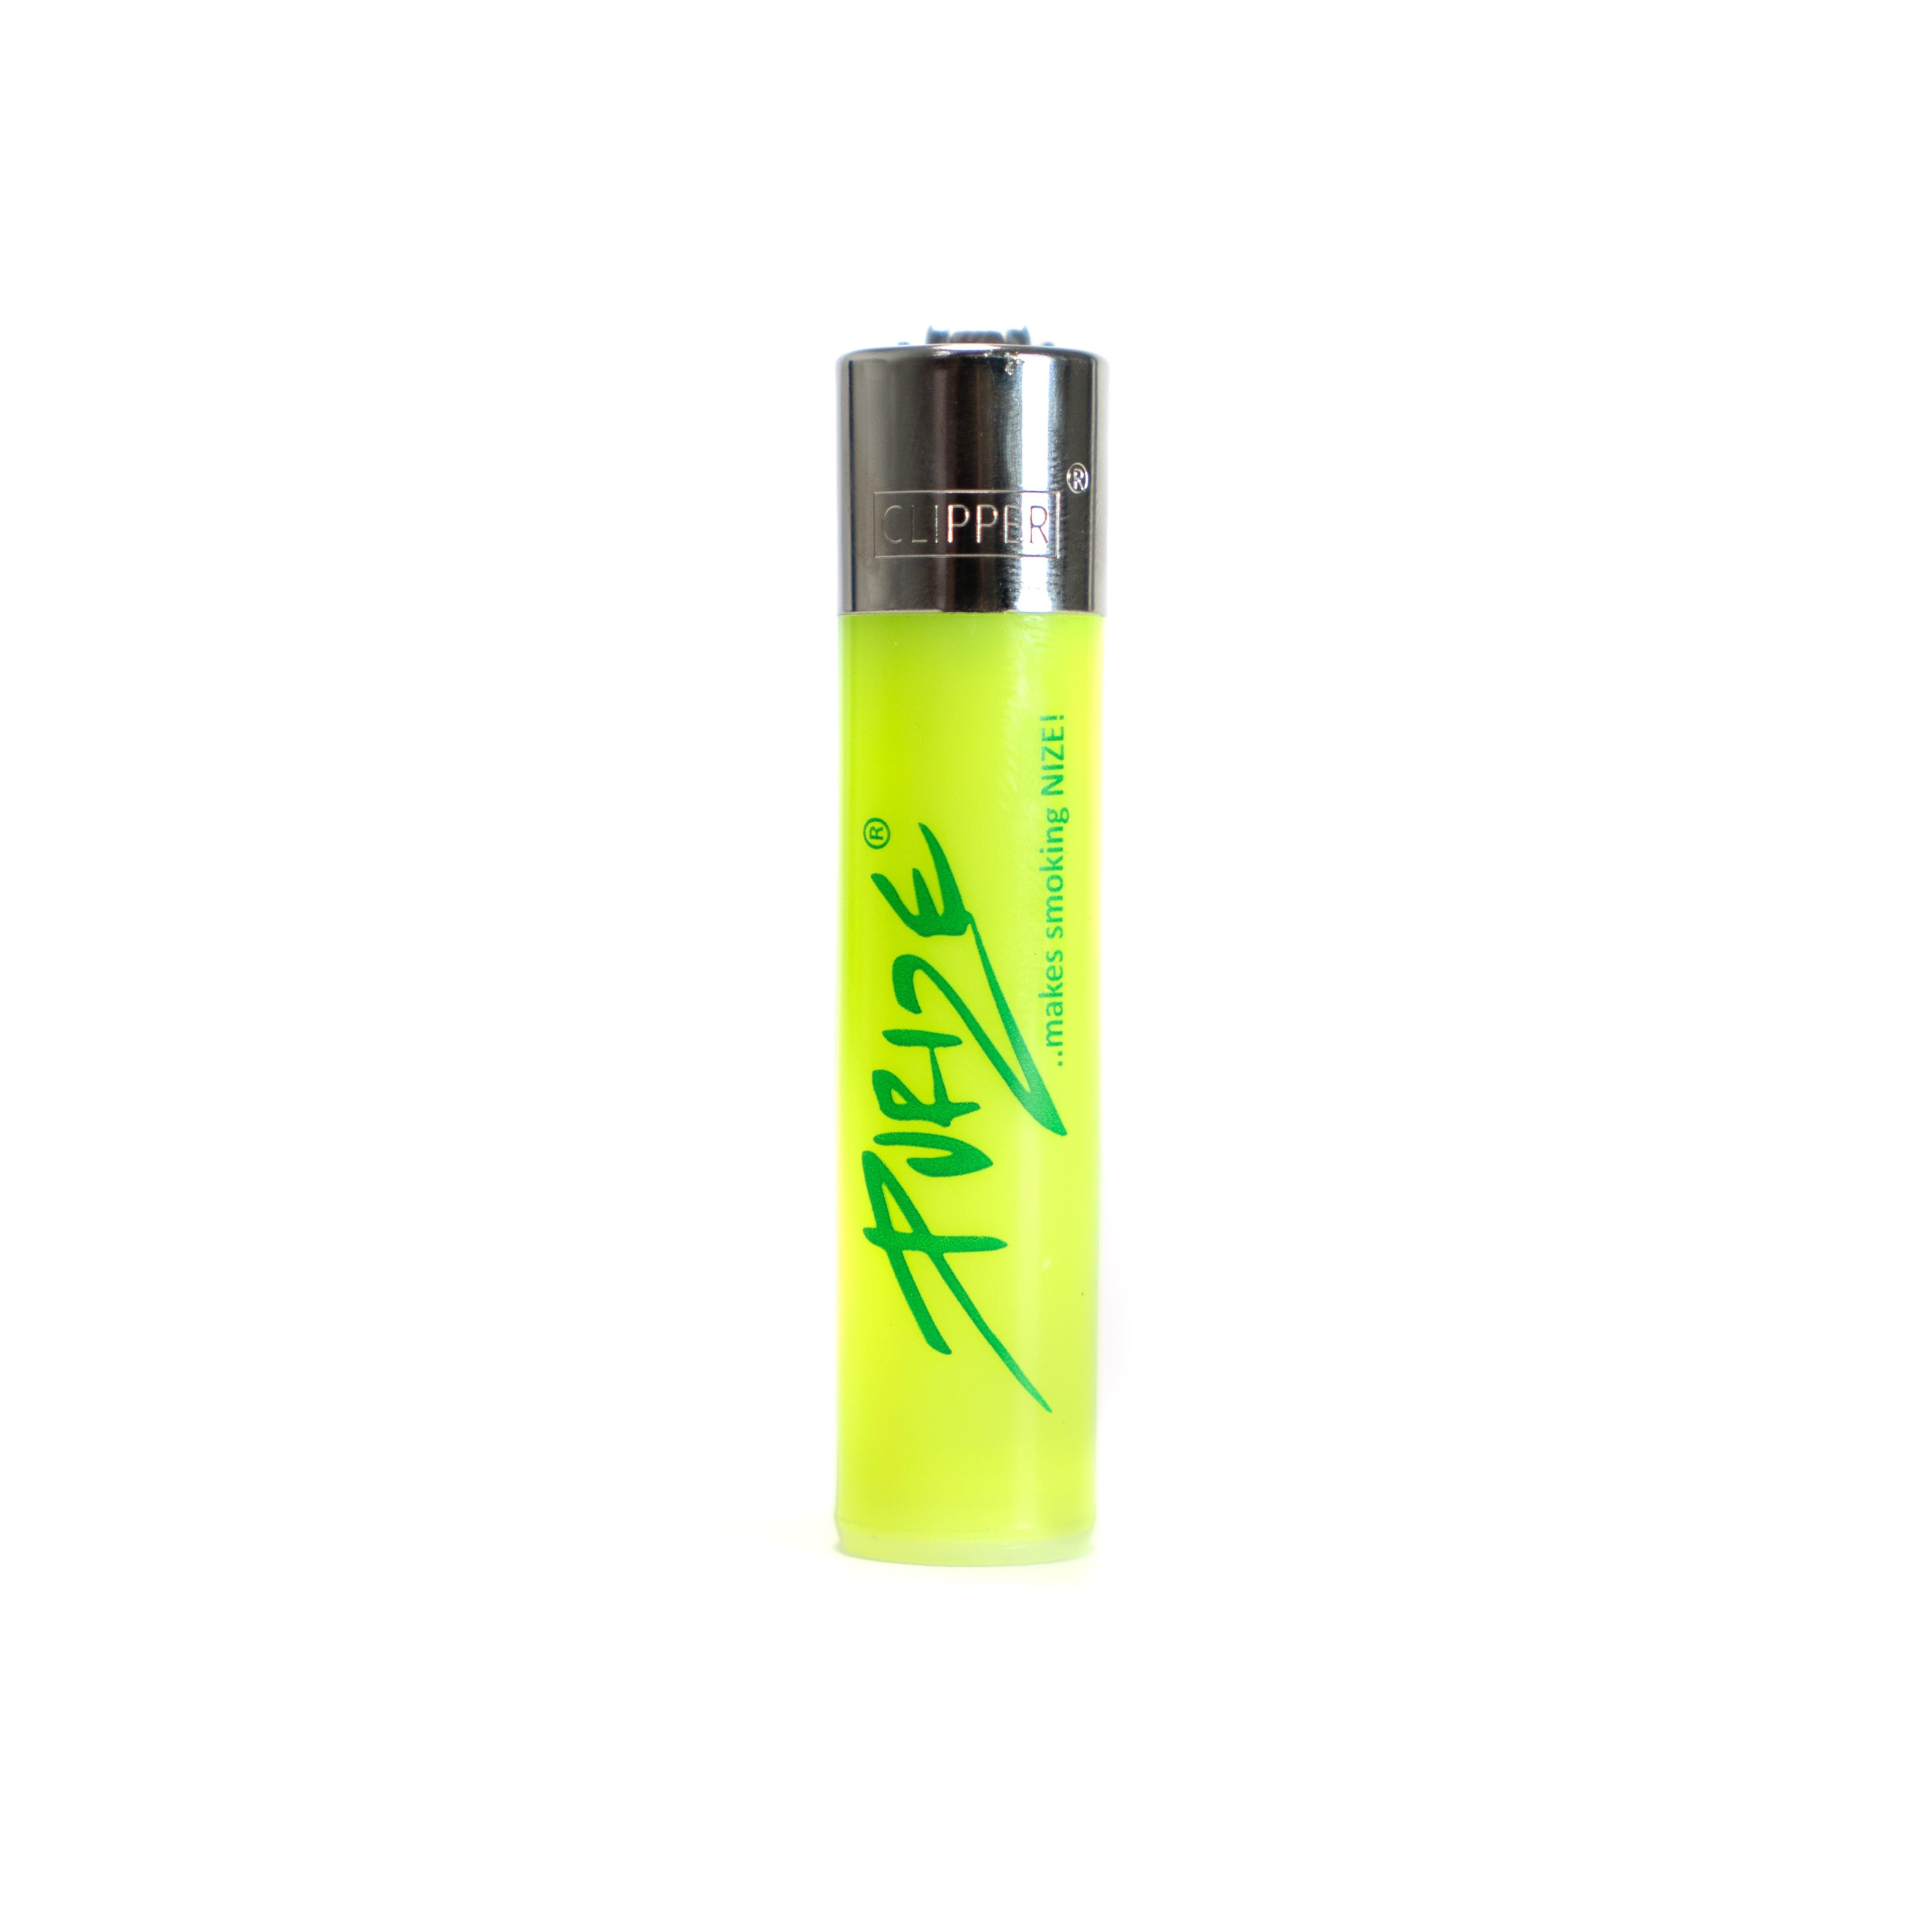 CLIPPER® Feuerzeug | Grün